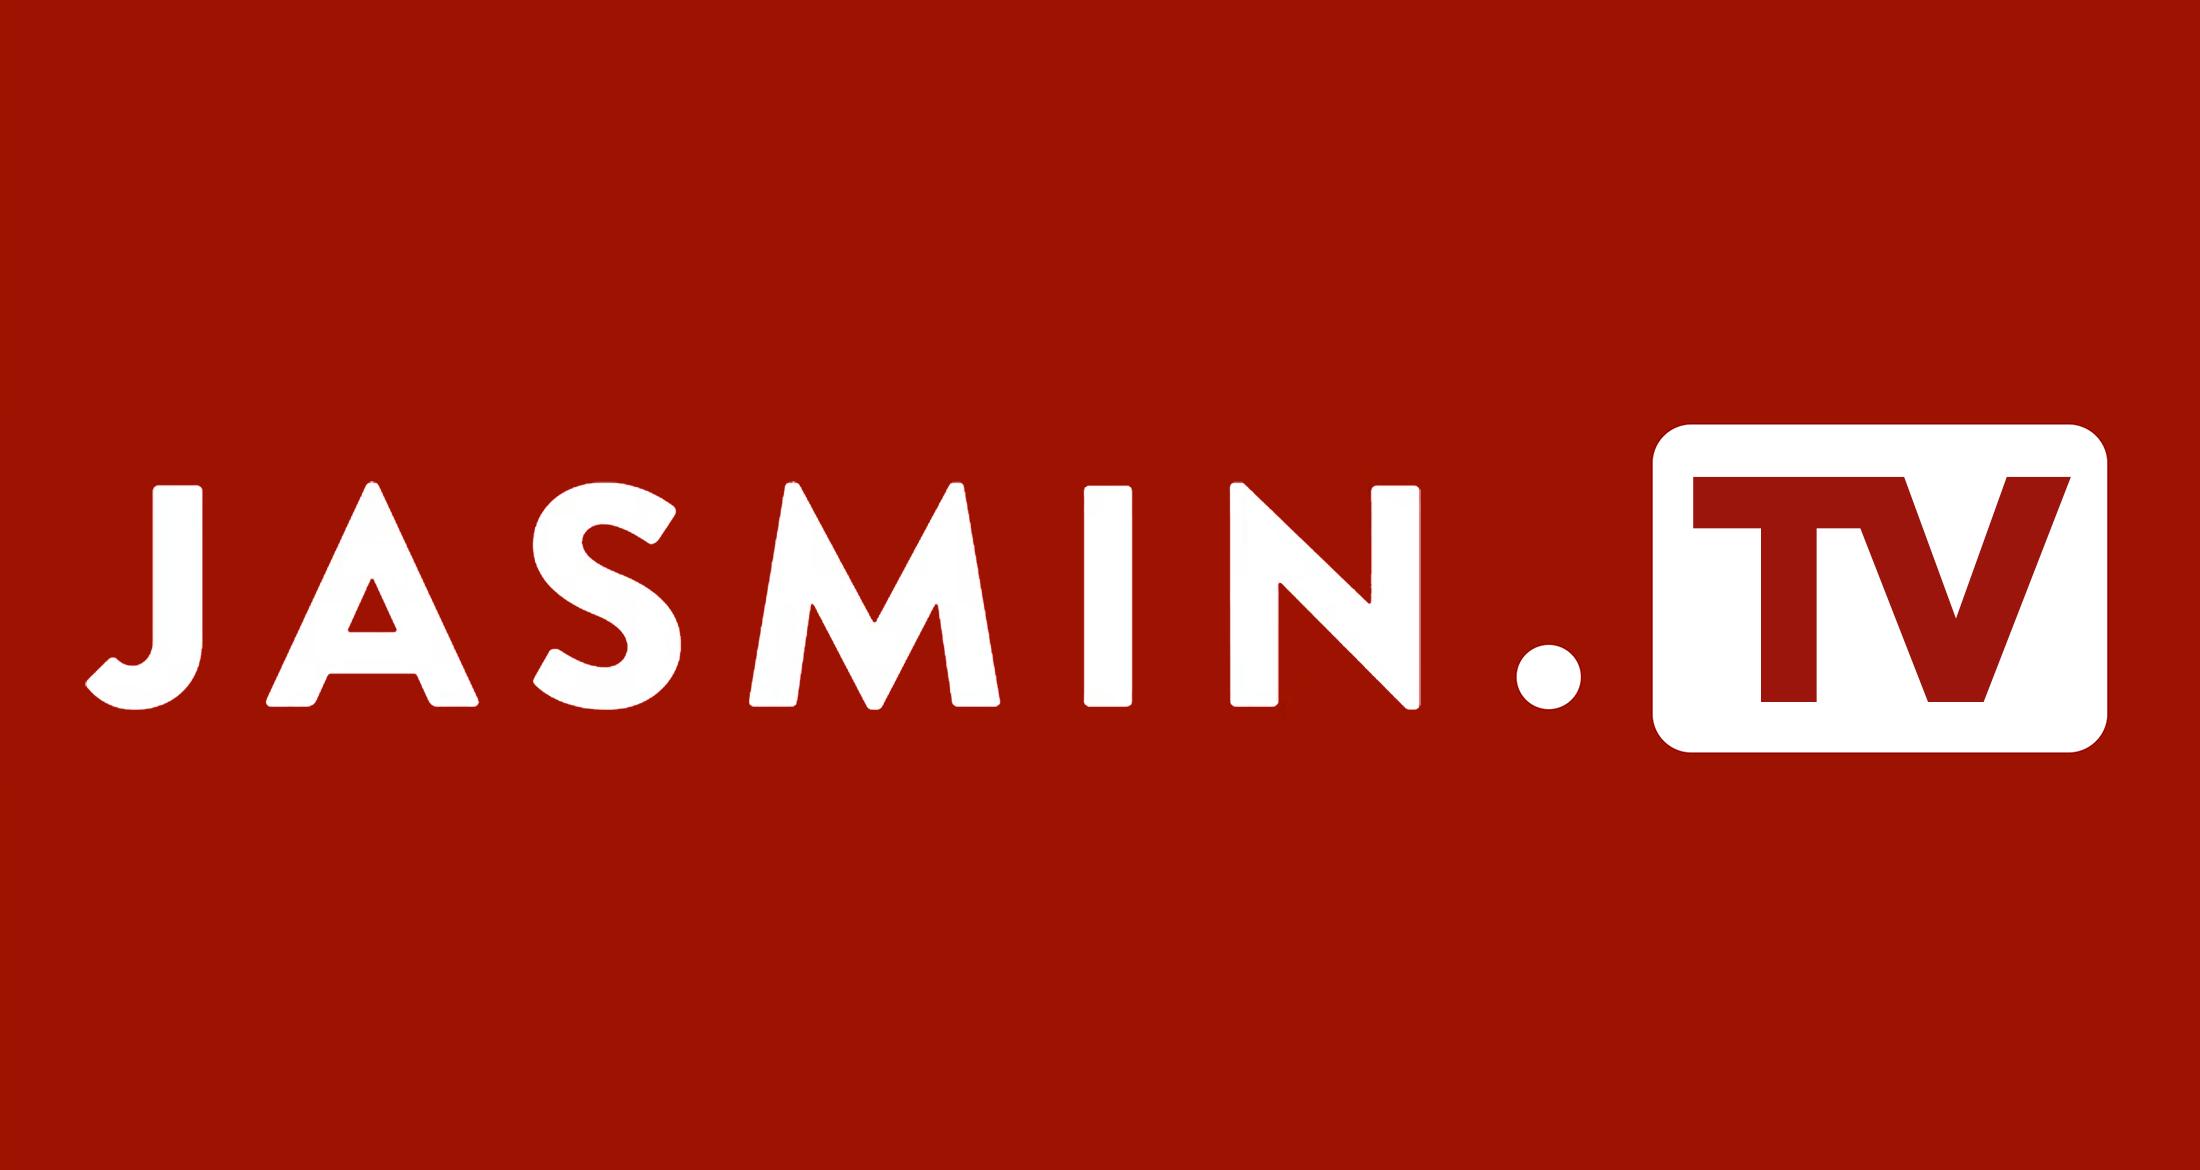 Jasminlive tv